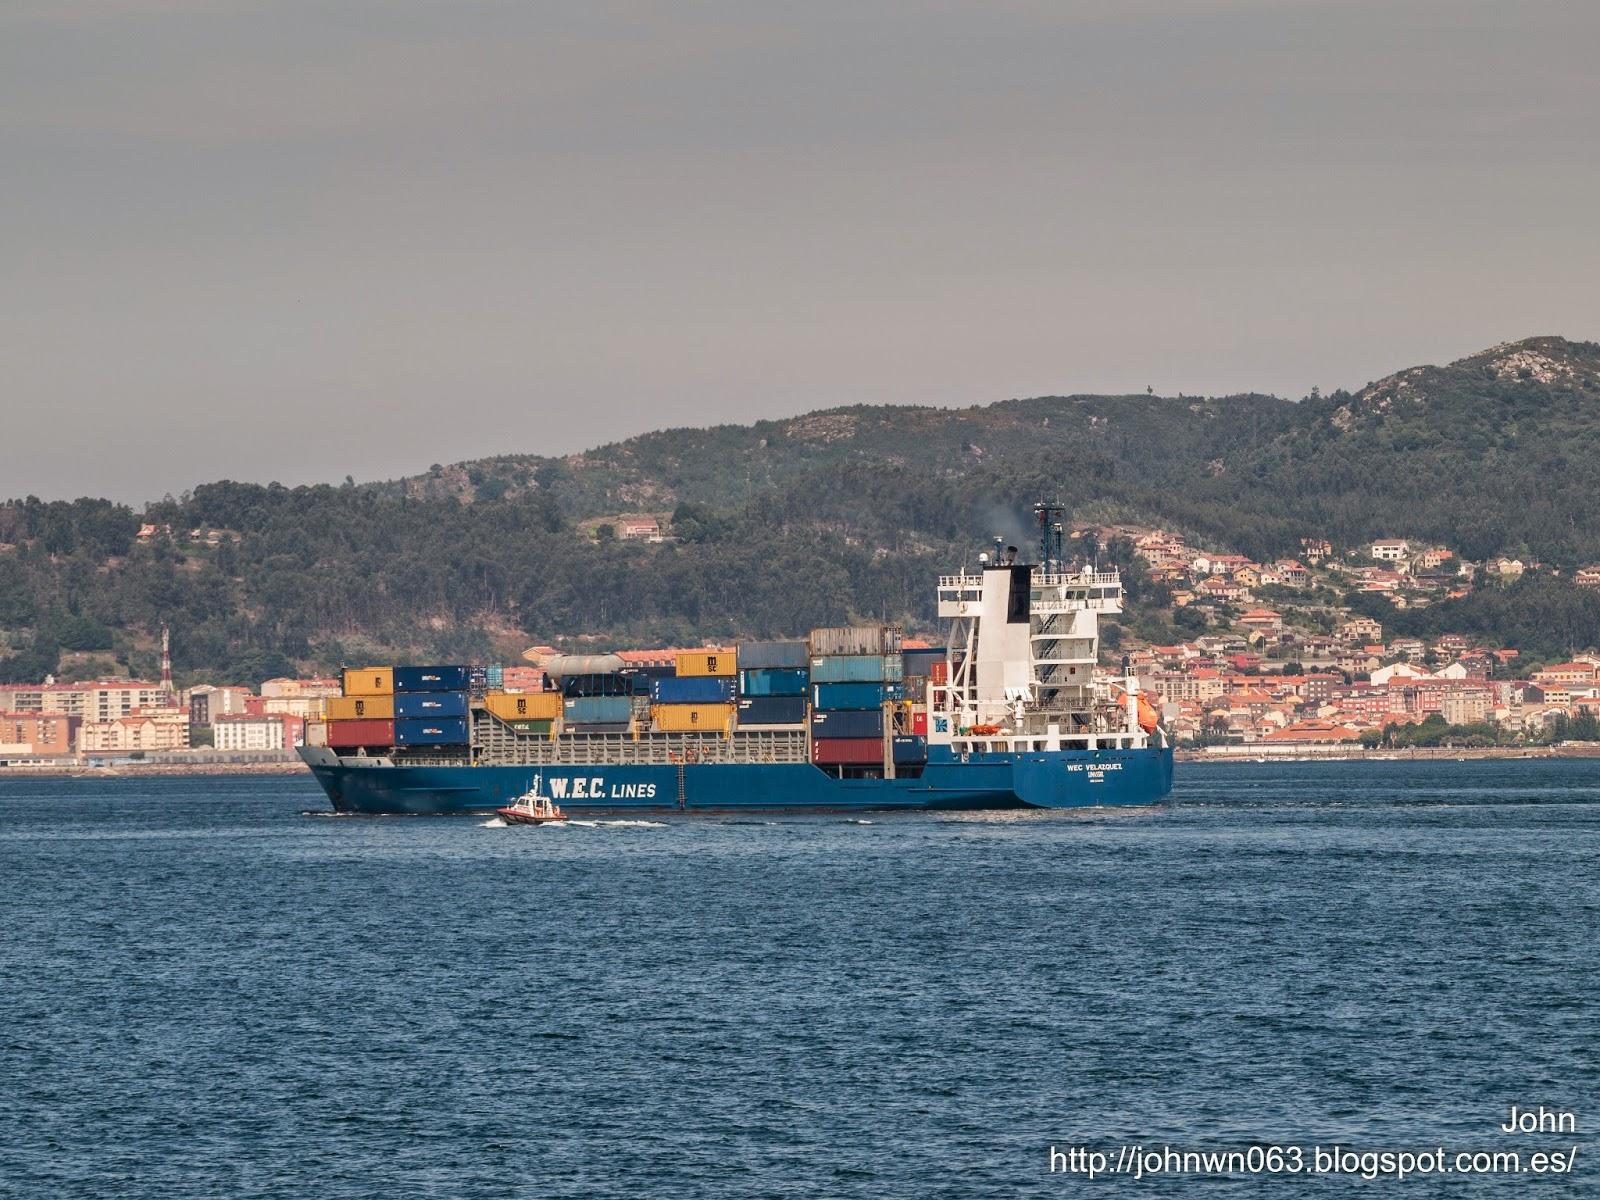 fotos de barcos, imagenes de barcos, wec velazquez, contenedores, feeder, vigo